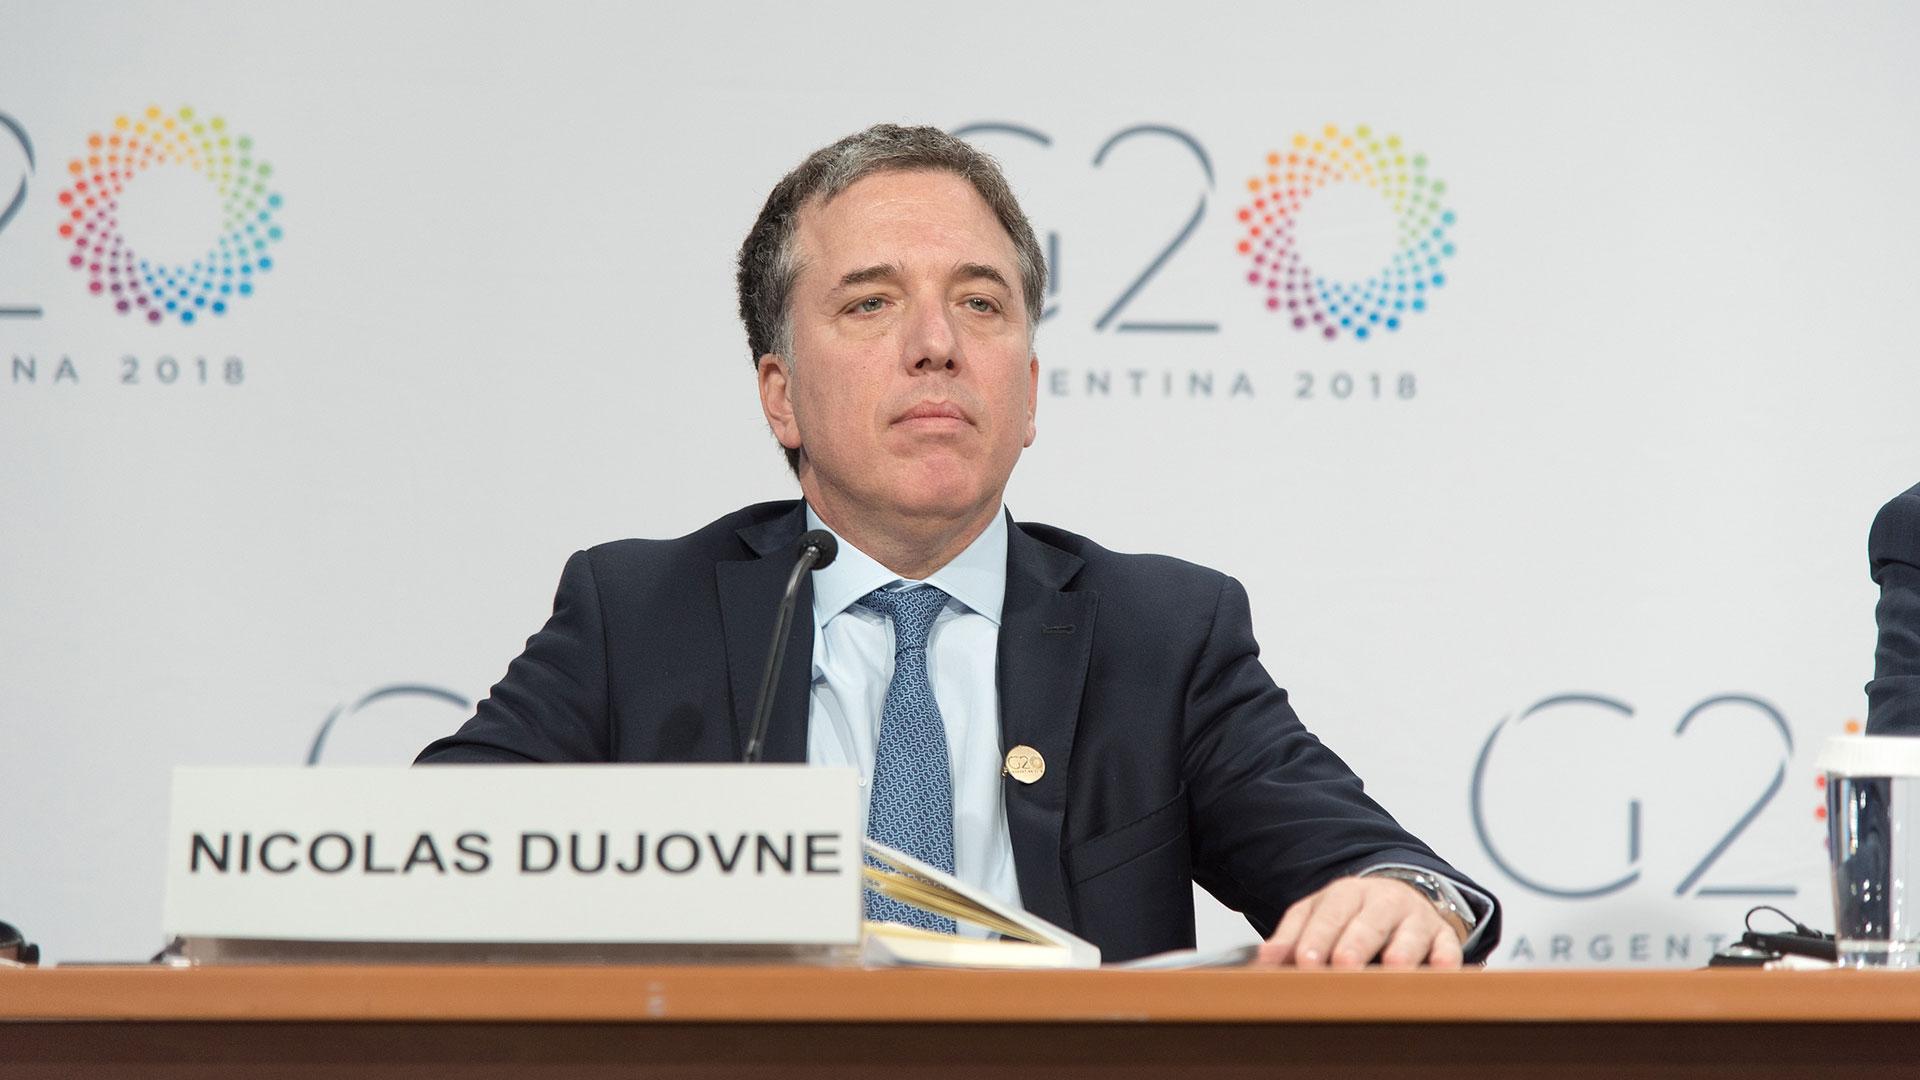 Nicolas Dujovne, ministro de Hacienda de la Nación